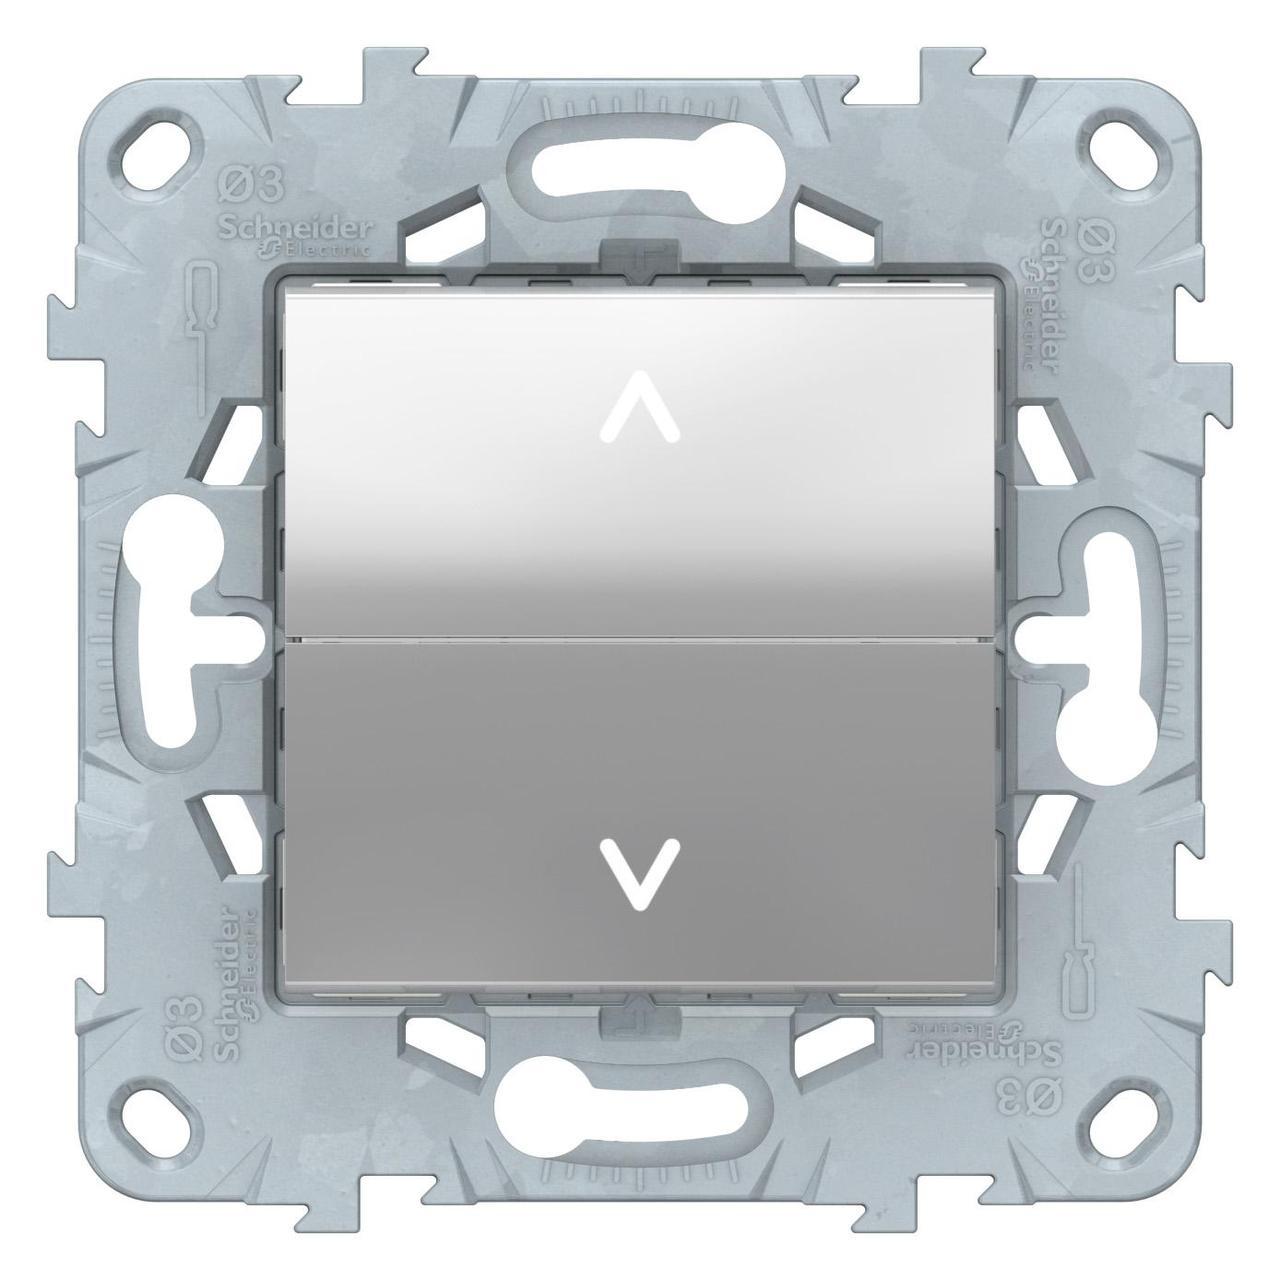 Выключатель для жалюзи (рольставней) кнопочный , Алюминий, серия Unica New, Schneider Electric